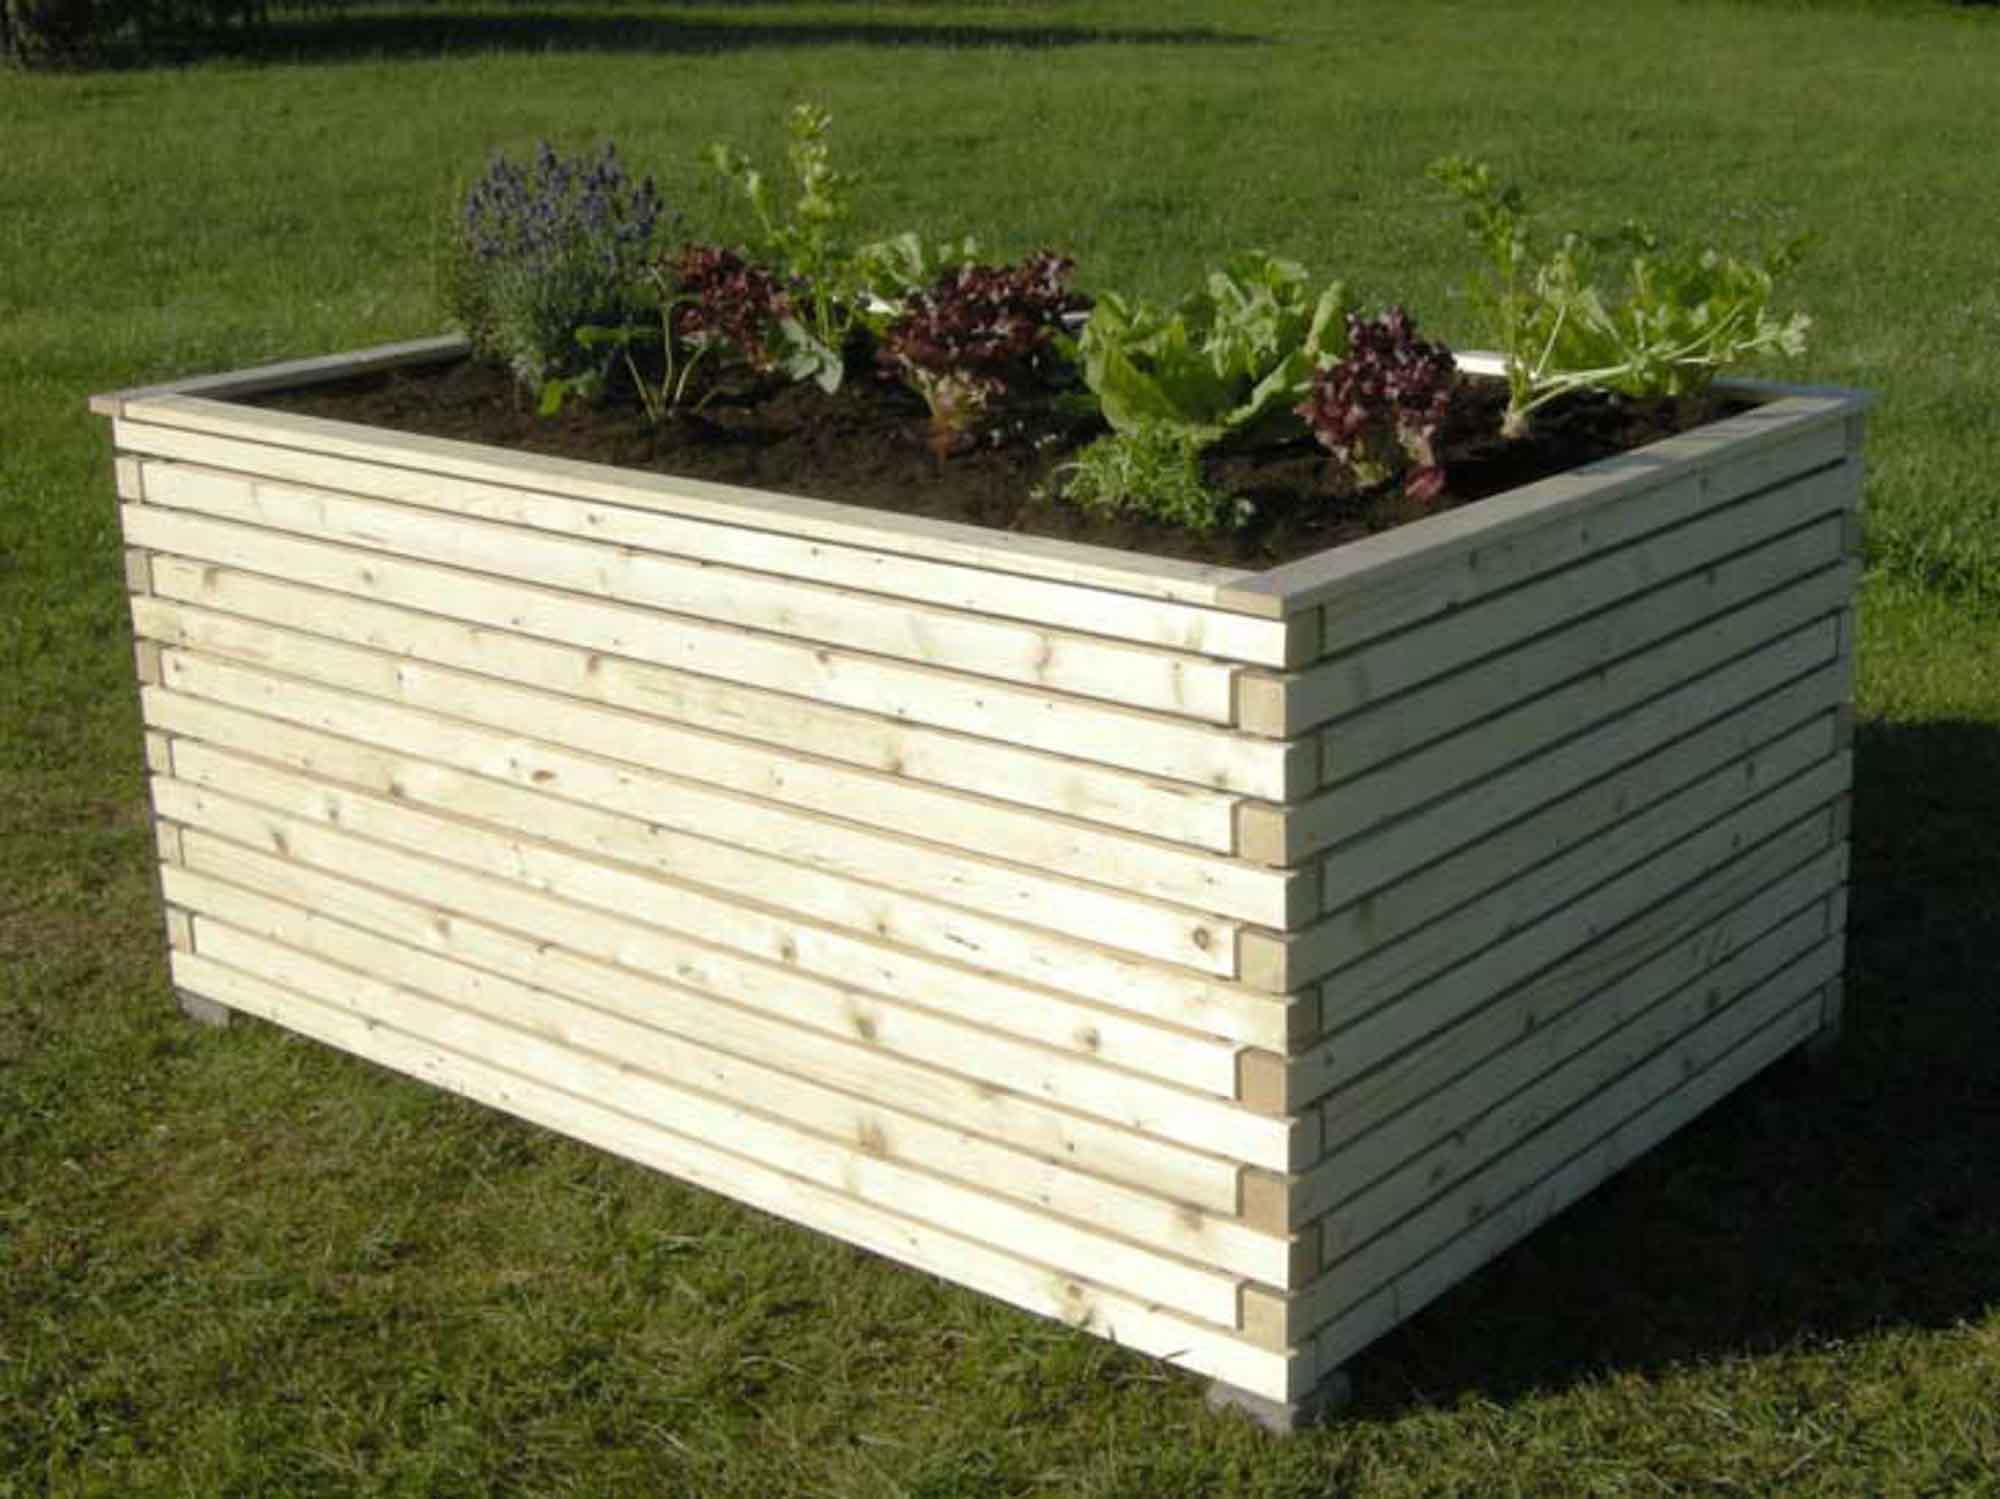 hochbeet zum selberbauen aus l rchenholz roh oder. Black Bedroom Furniture Sets. Home Design Ideas